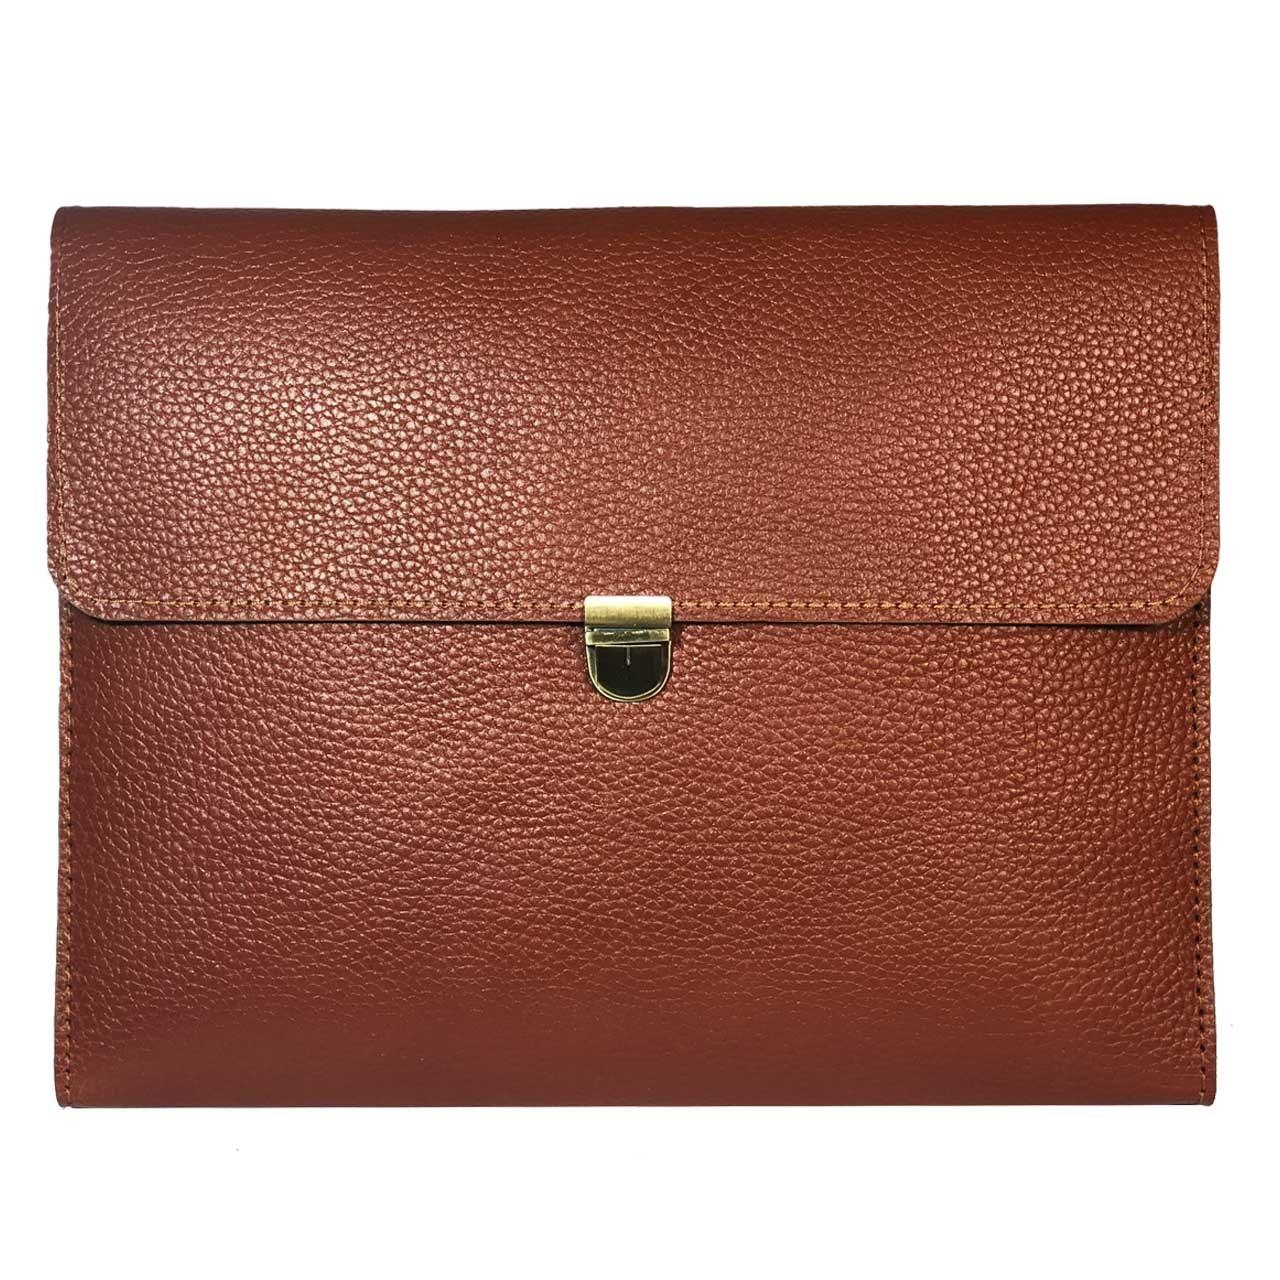 قیمت کیف دستی مردانه چرم طبیعی گلیما مدل 280